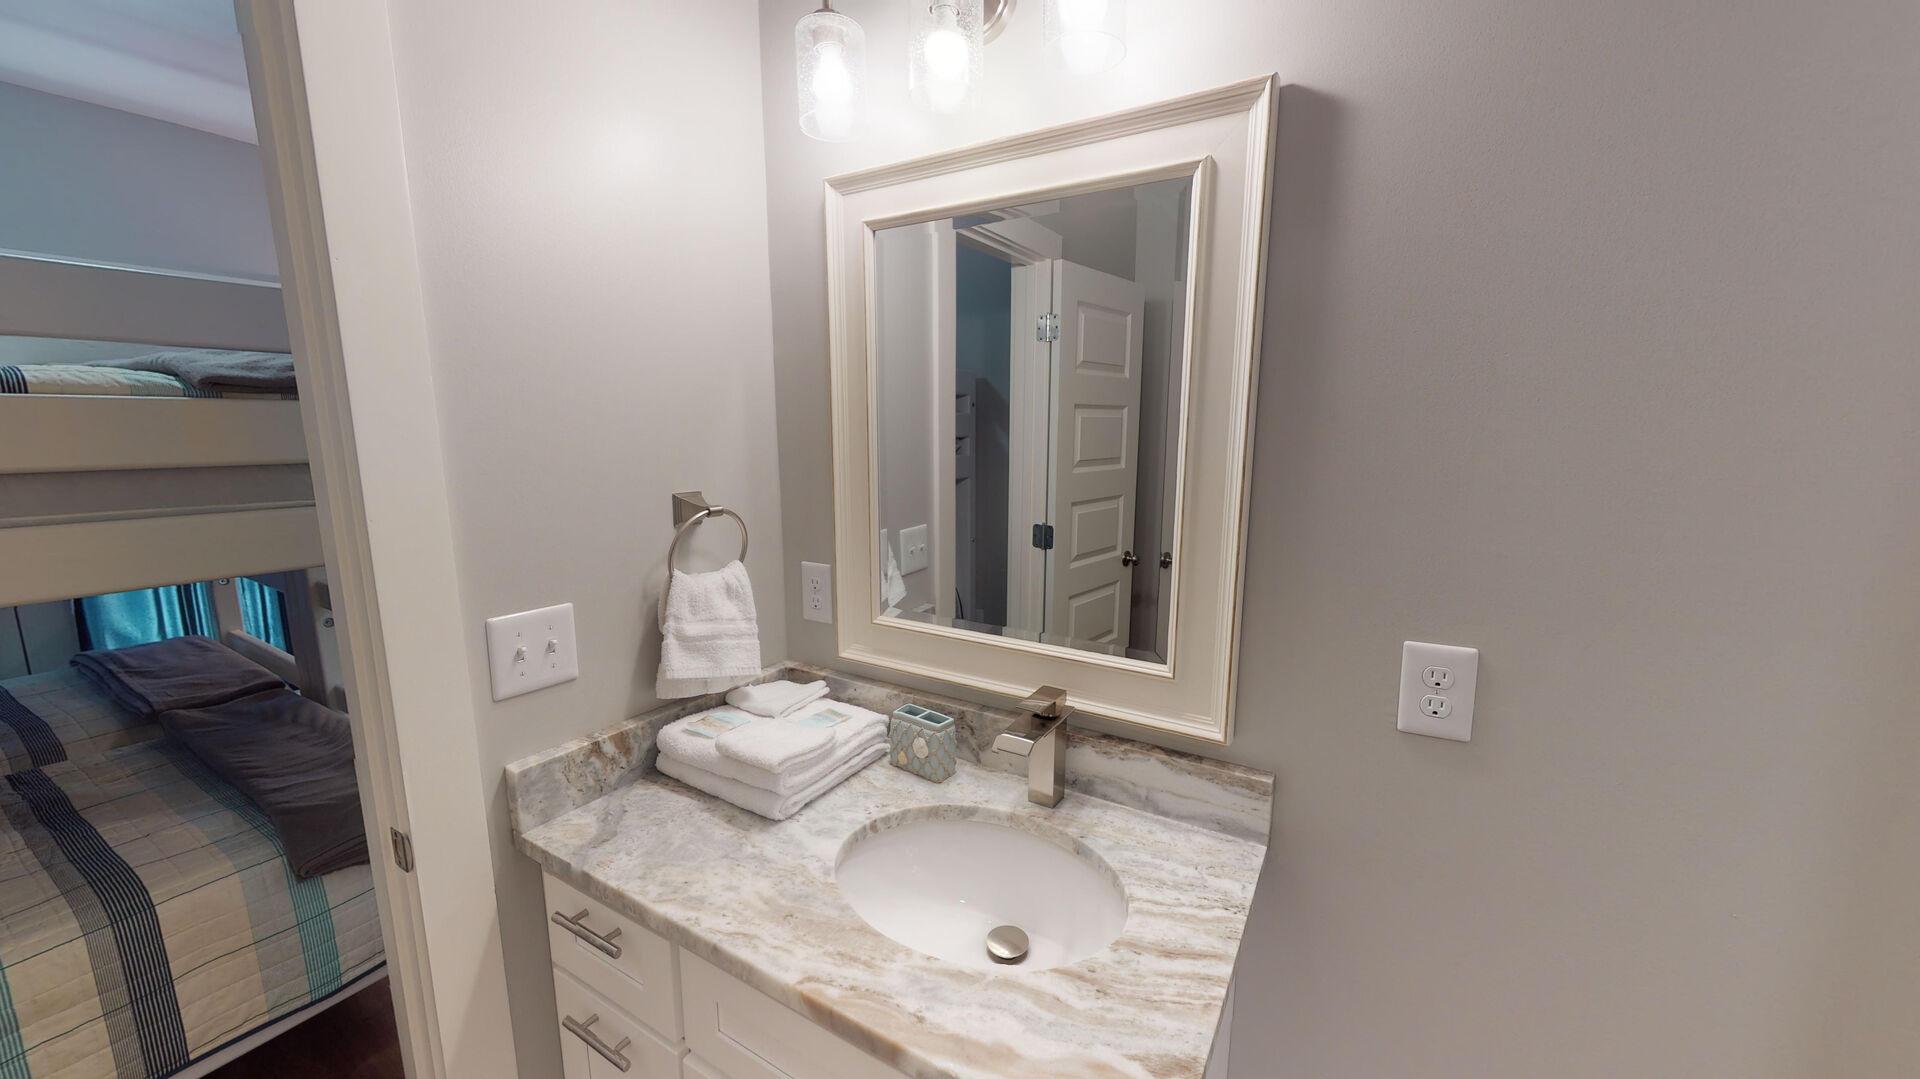 Single Vanity Sink, and Mirror.